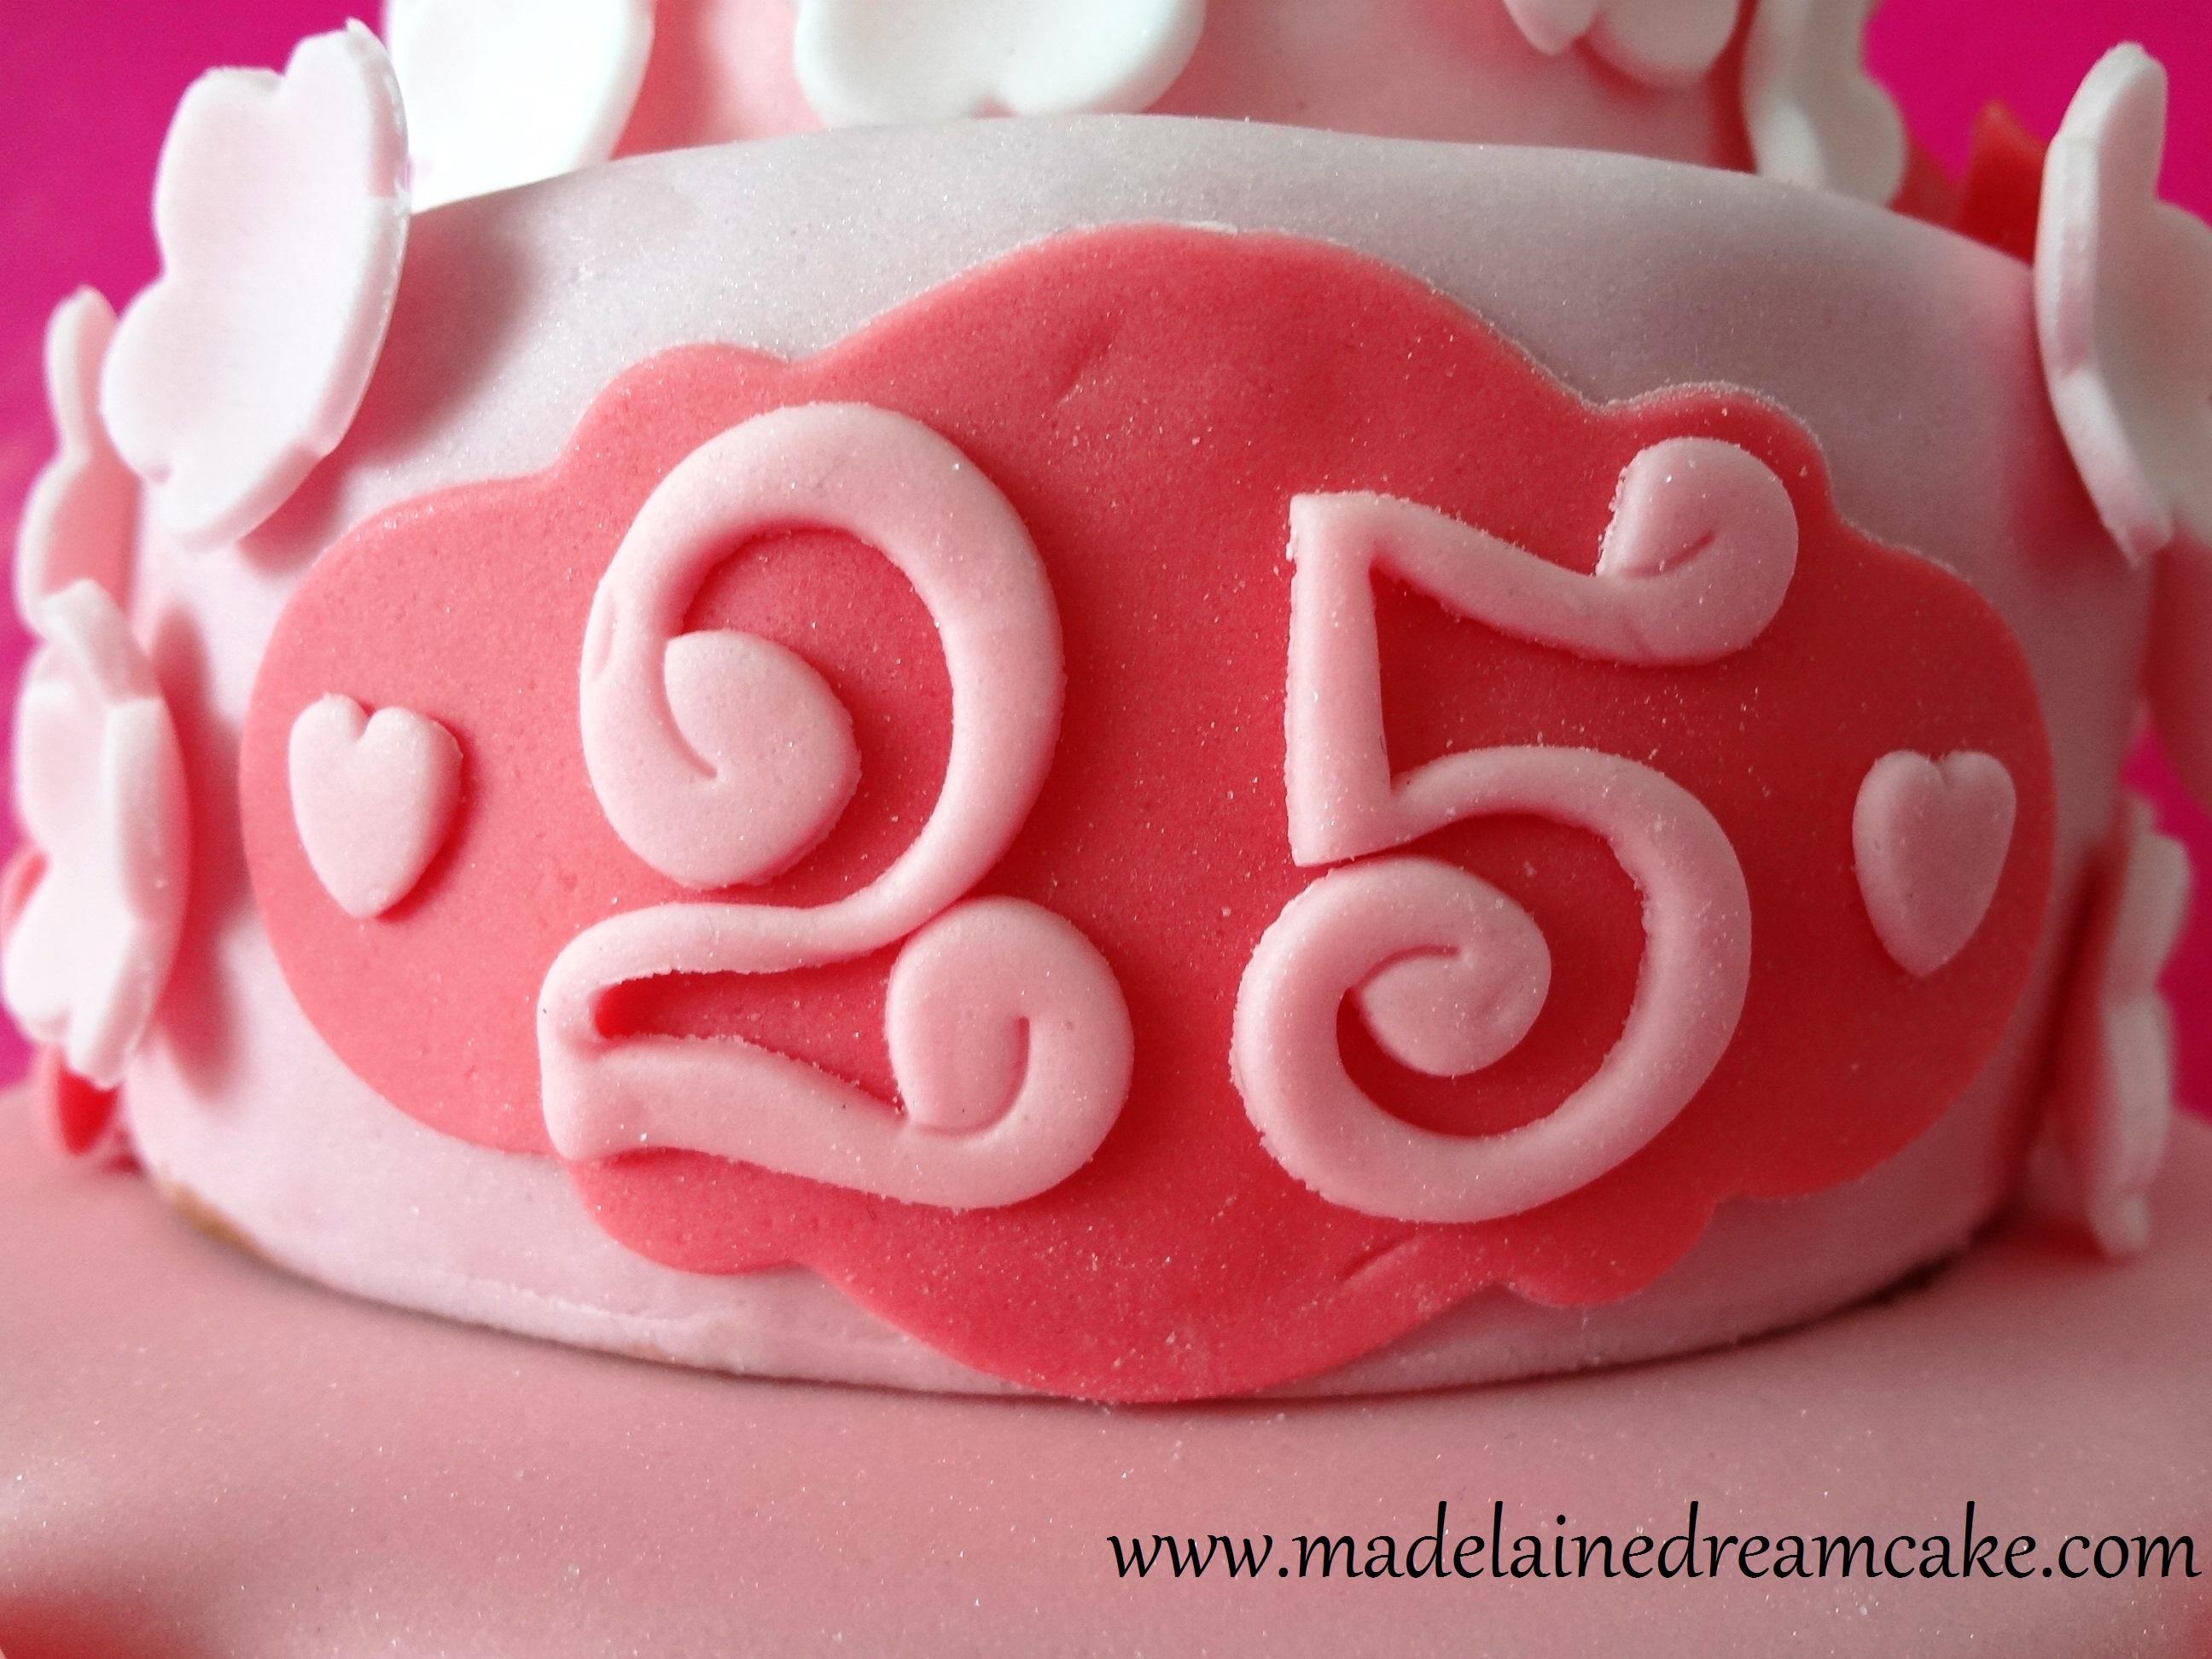 Geburtstag Madelainedreamcake Seite 7